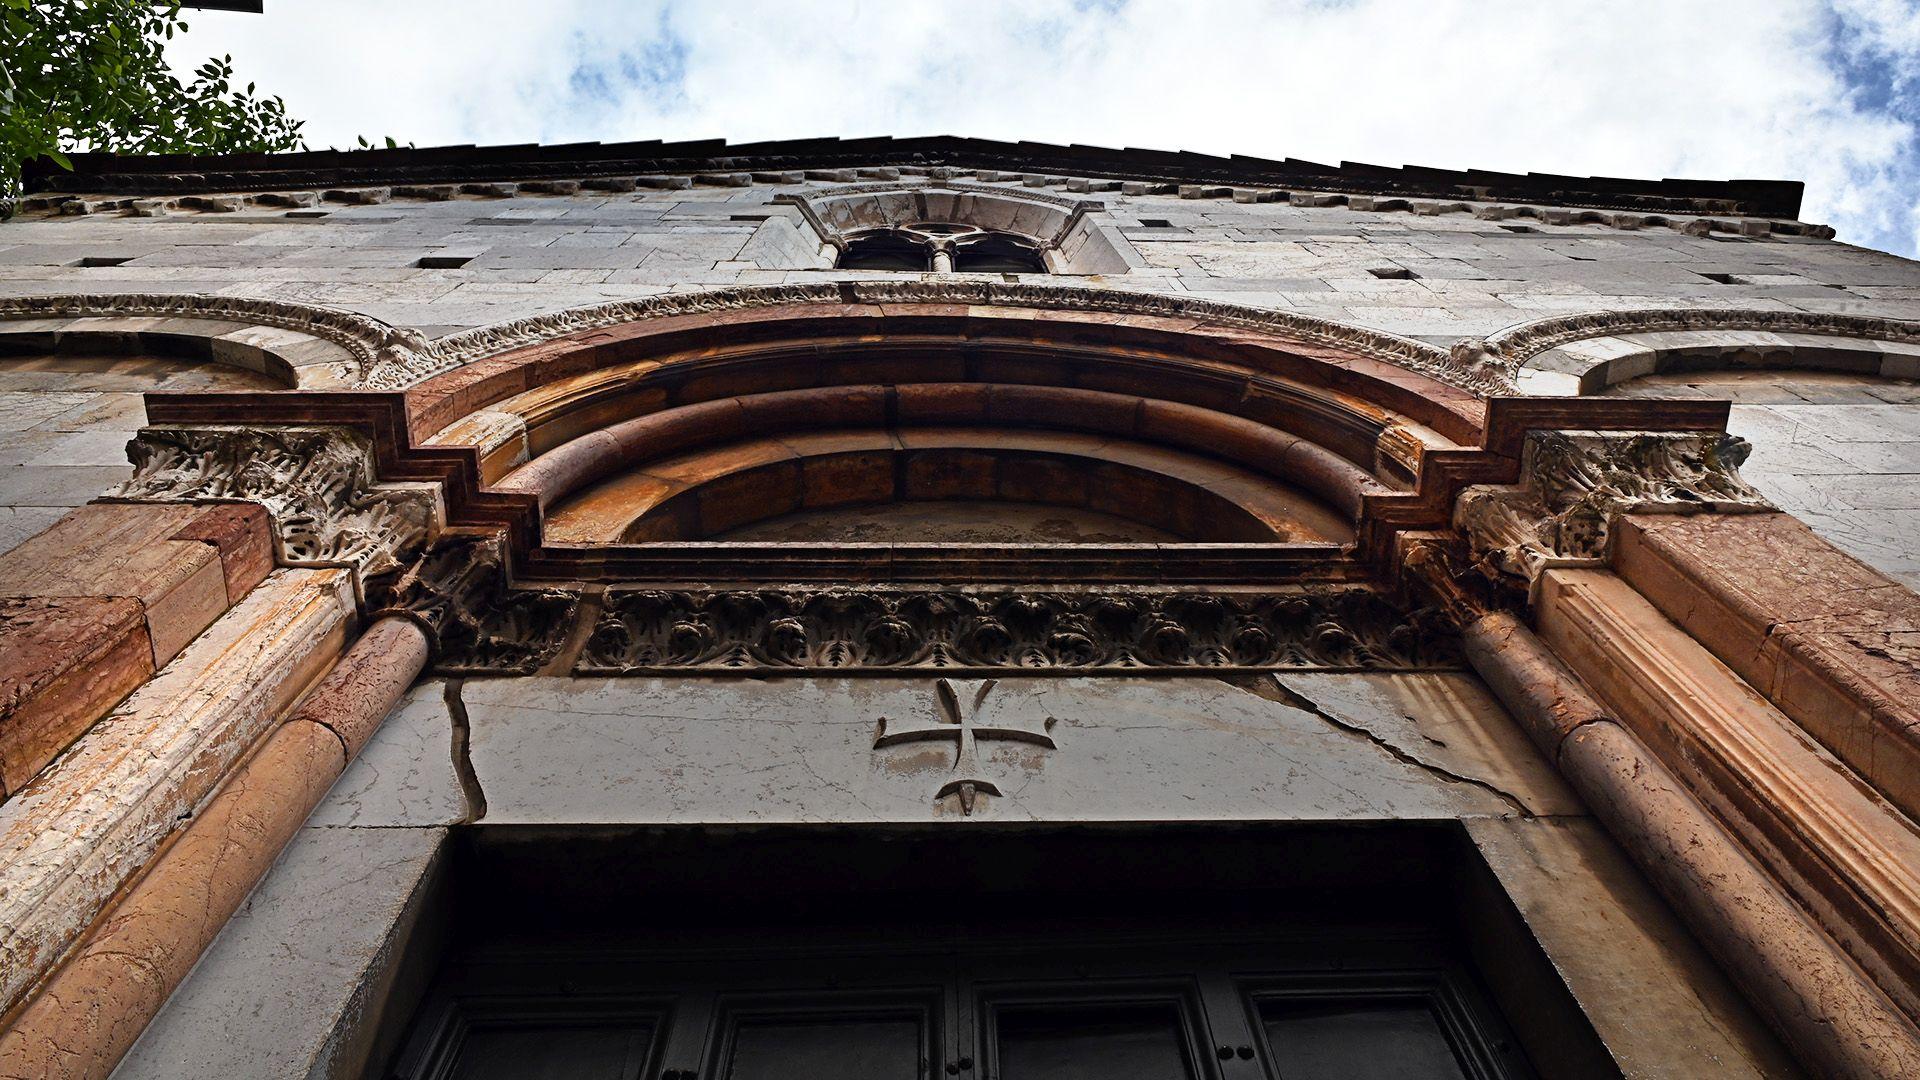 The parish church of San Quirico and Giulitta